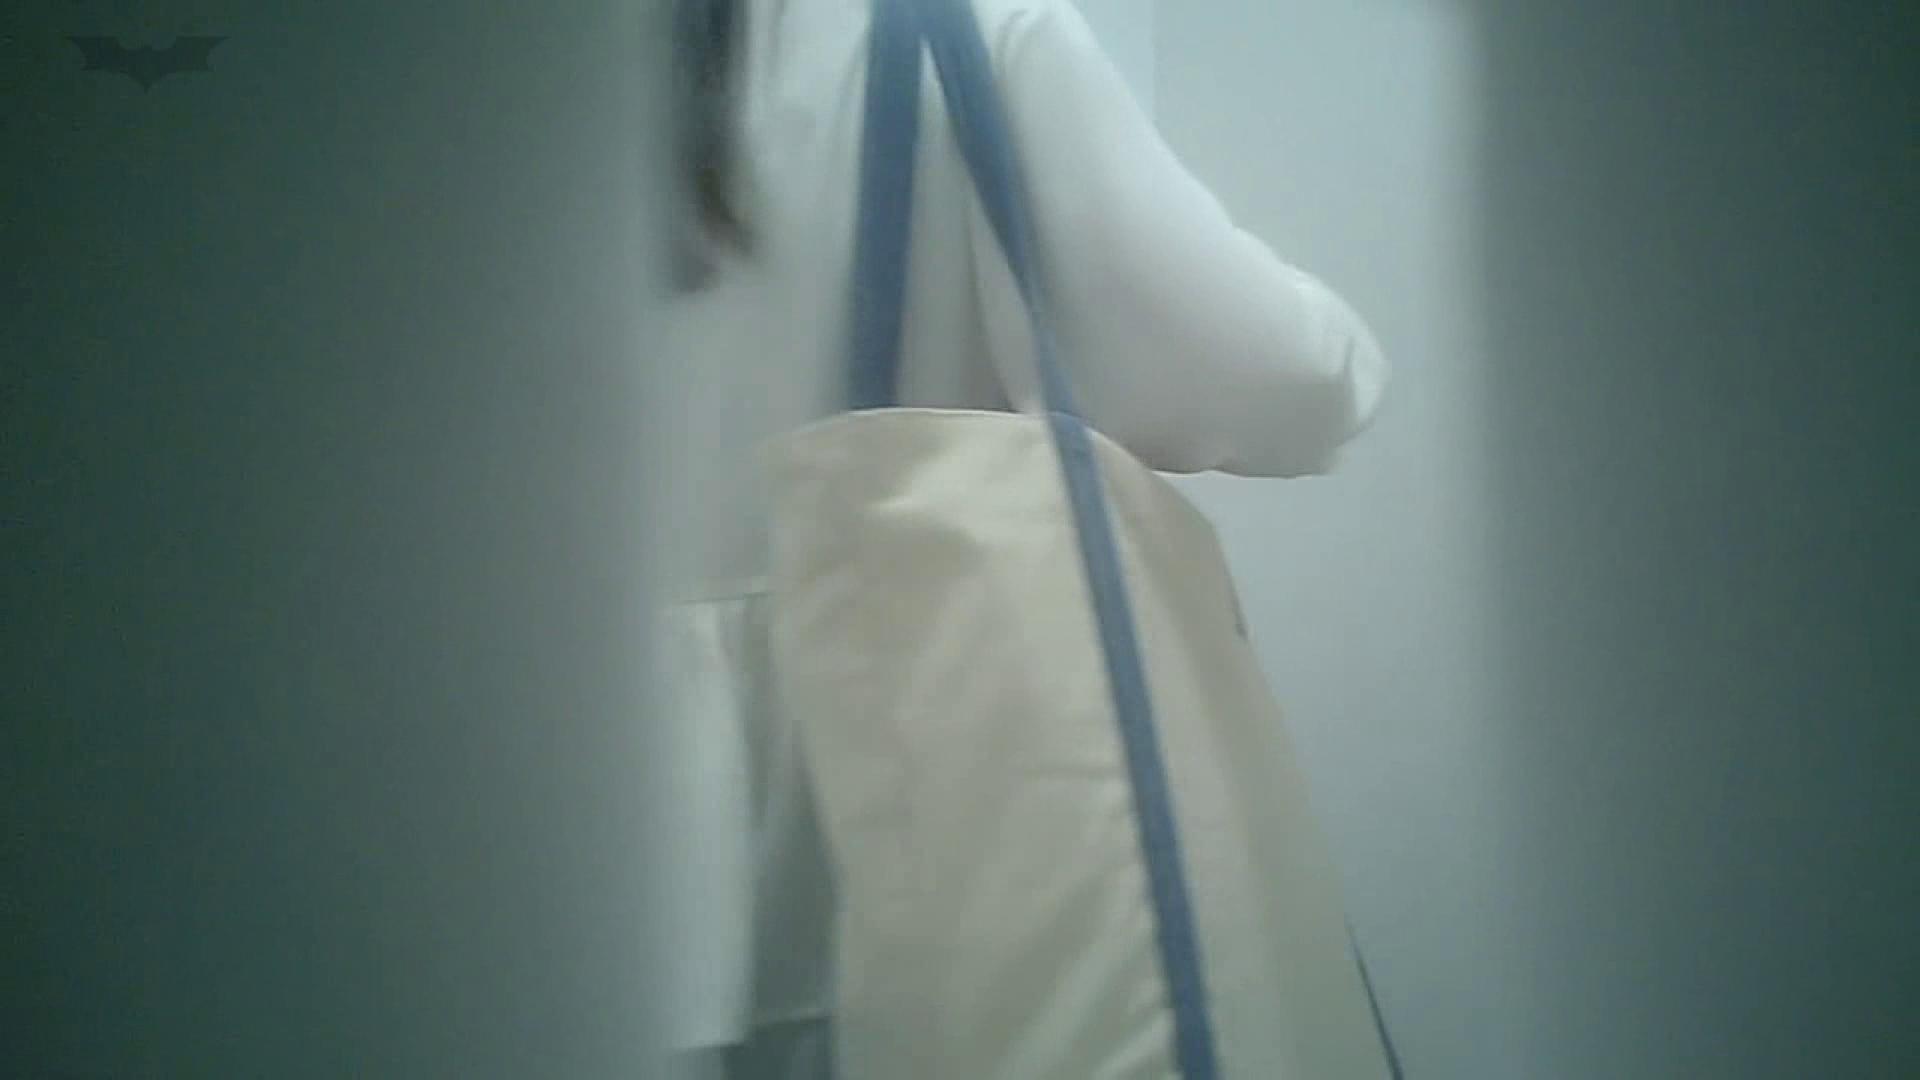 有名大学女性洗面所 vol.40 ??おまじない的な動きをする子がいます。 お姉さんのSEX AV無料 99枚 30